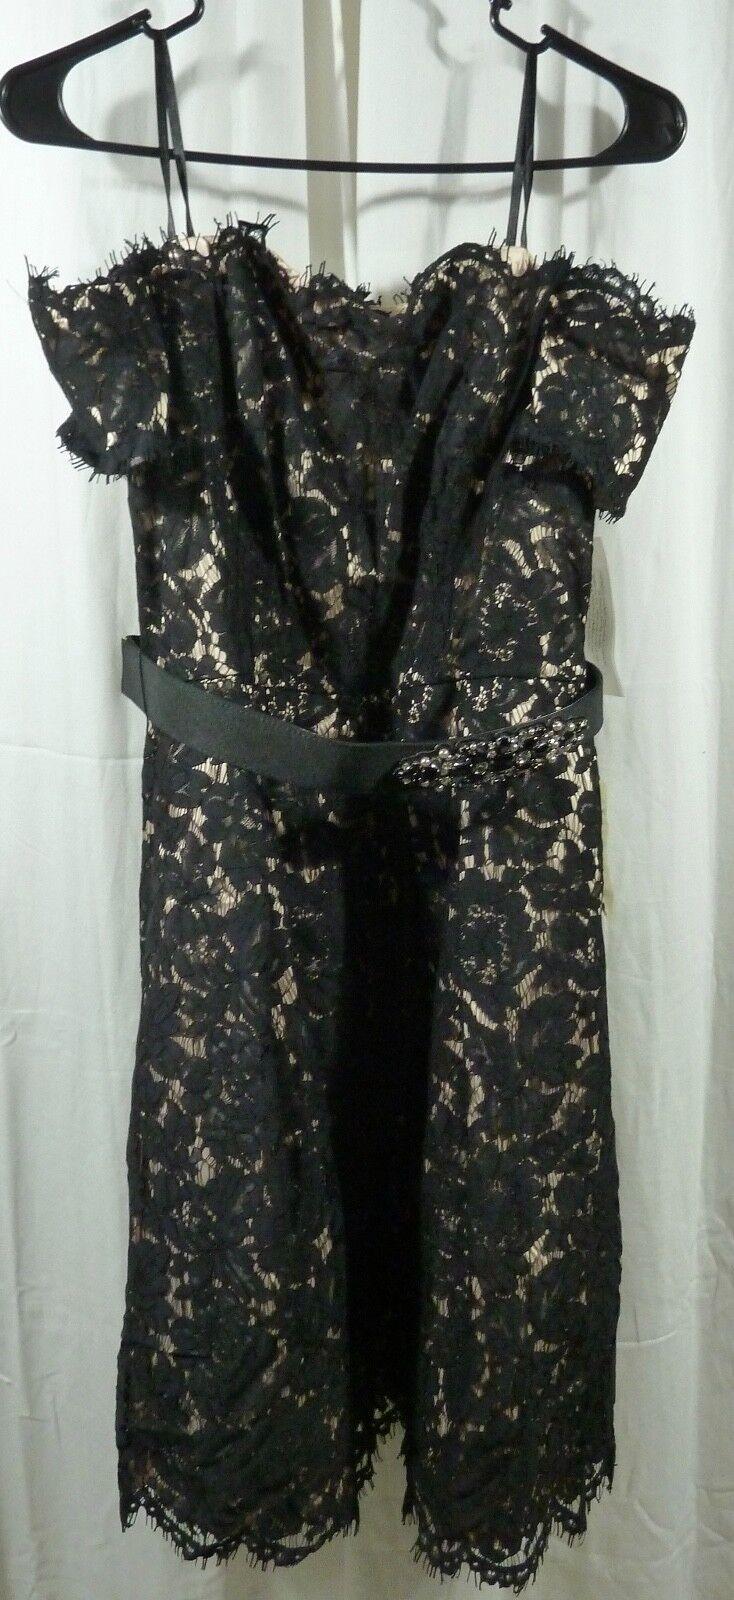 Eliza J Embellished Lace Fit & Flare Dress Größe 10